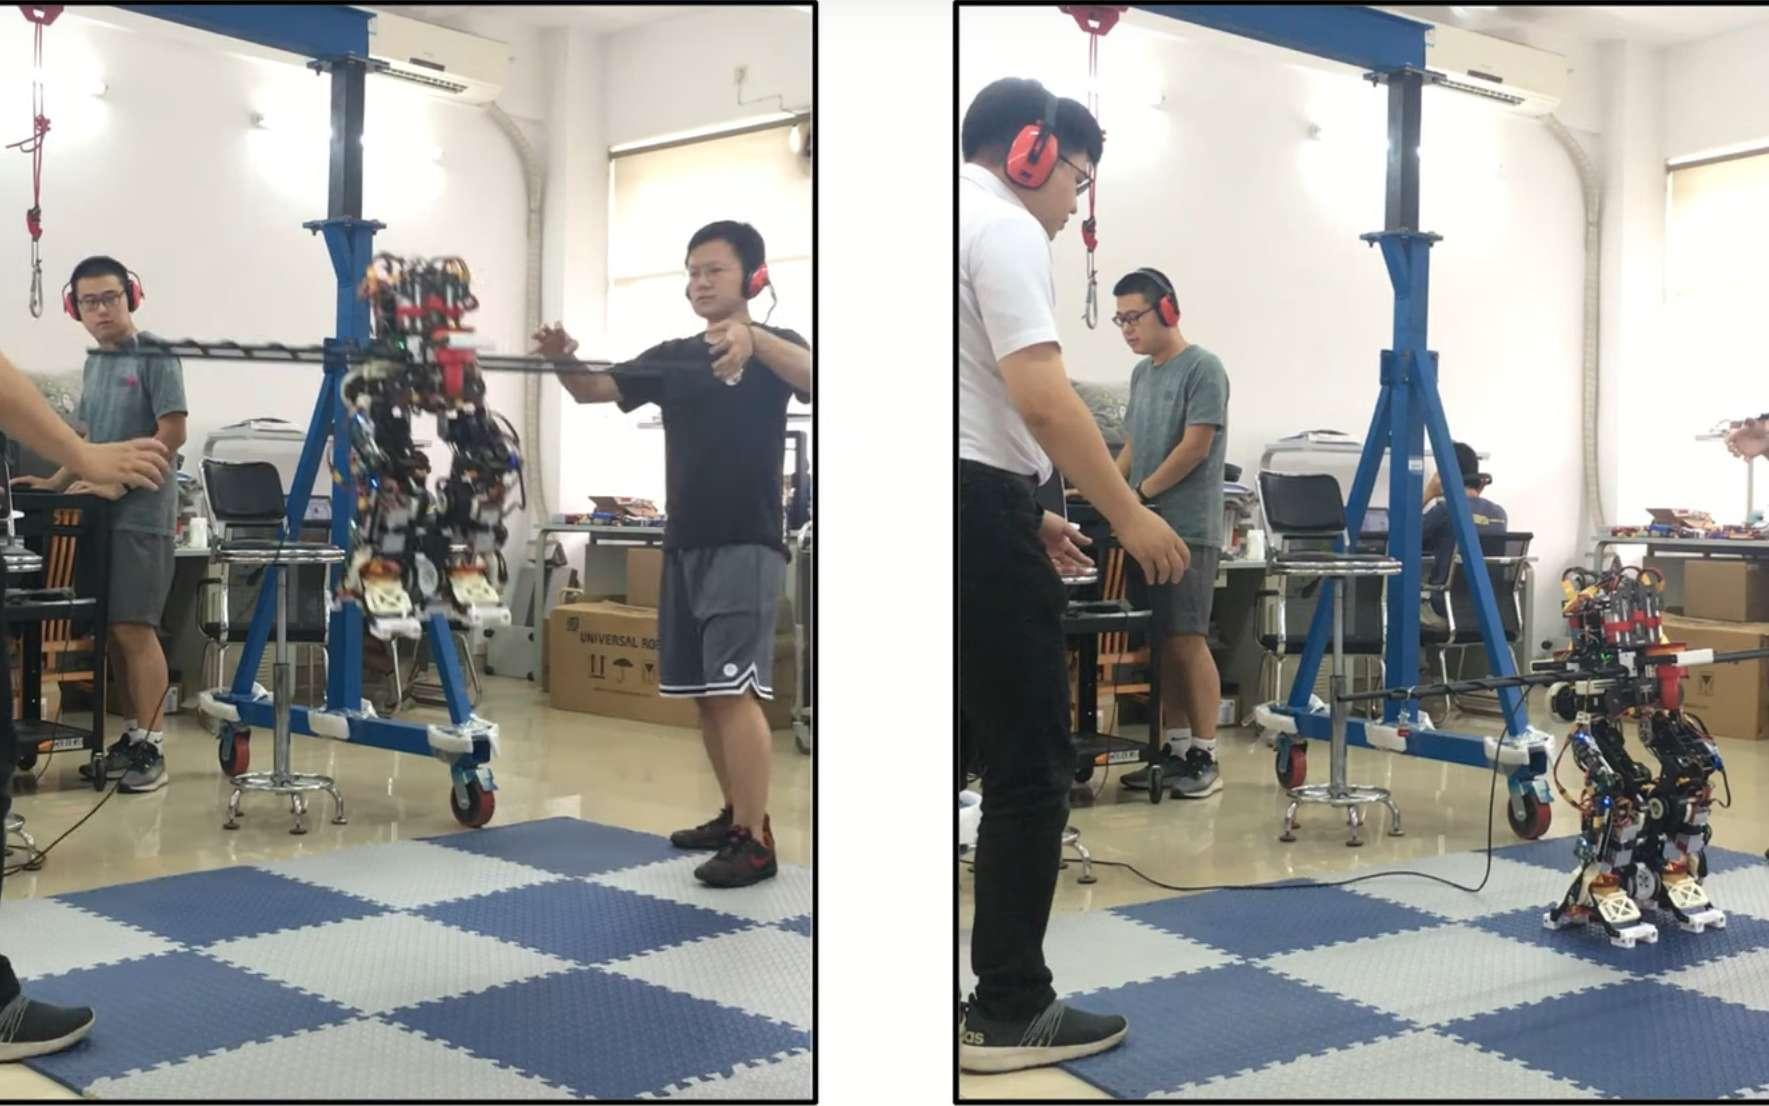 Le robot humanoïde Jet-HR2 parvient à décoller grâce à des soufflantes placées à sa taille et dans ses pieds. © Université de technologie du Guangdong